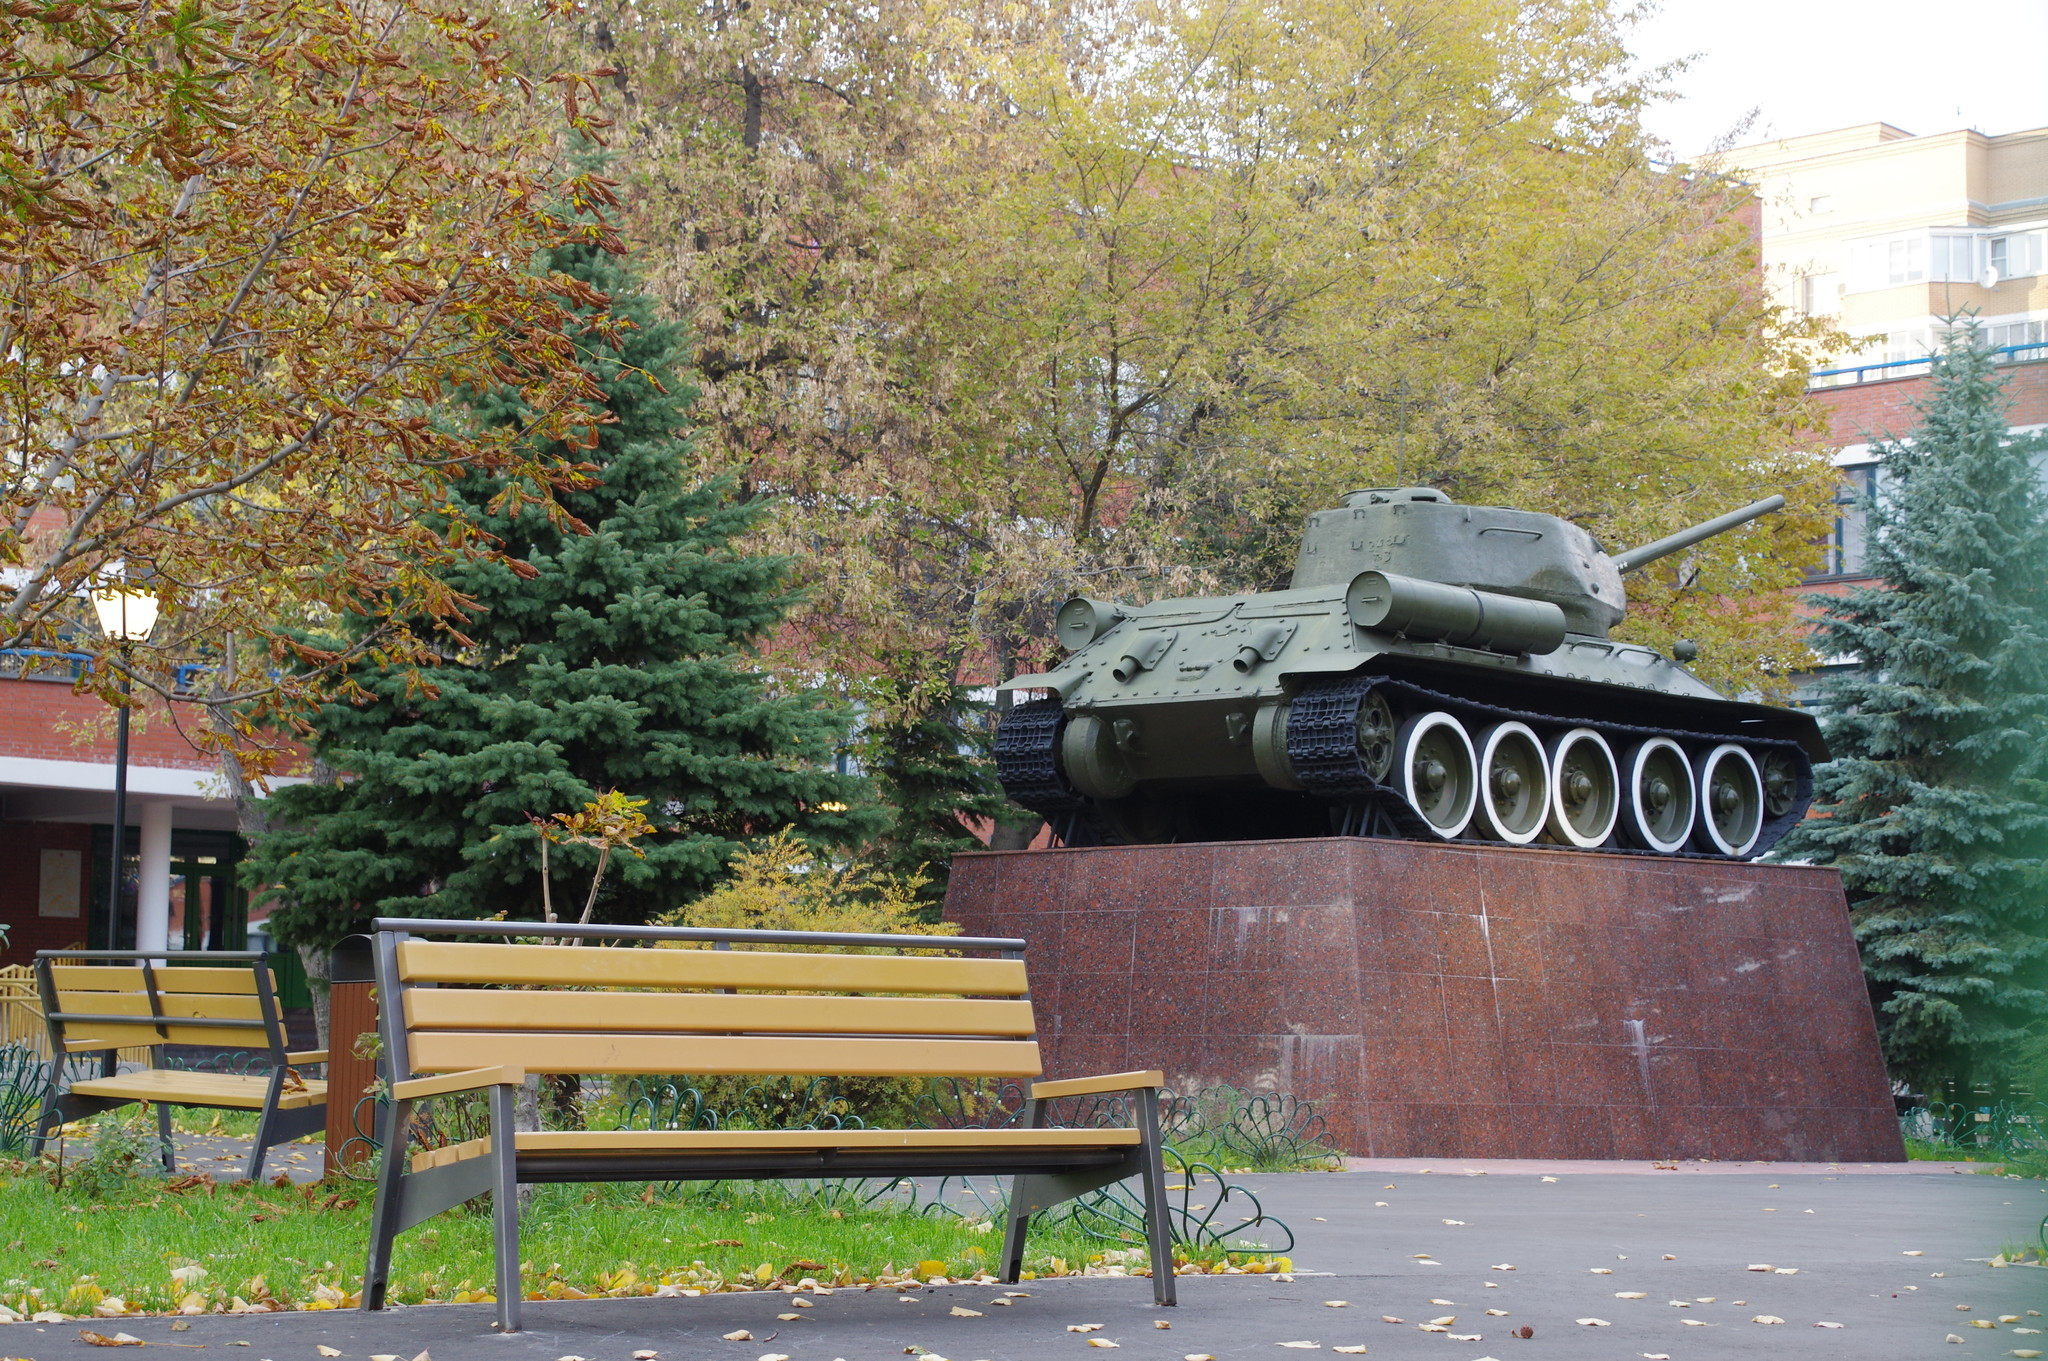 Средний танк Т-34-85. Государственное бюджетное общеобразовательное учреждение города Москвы «Школа № 627 имени генерала Д.Д. Лелюшенко» (Дубининская улица, дом 42)